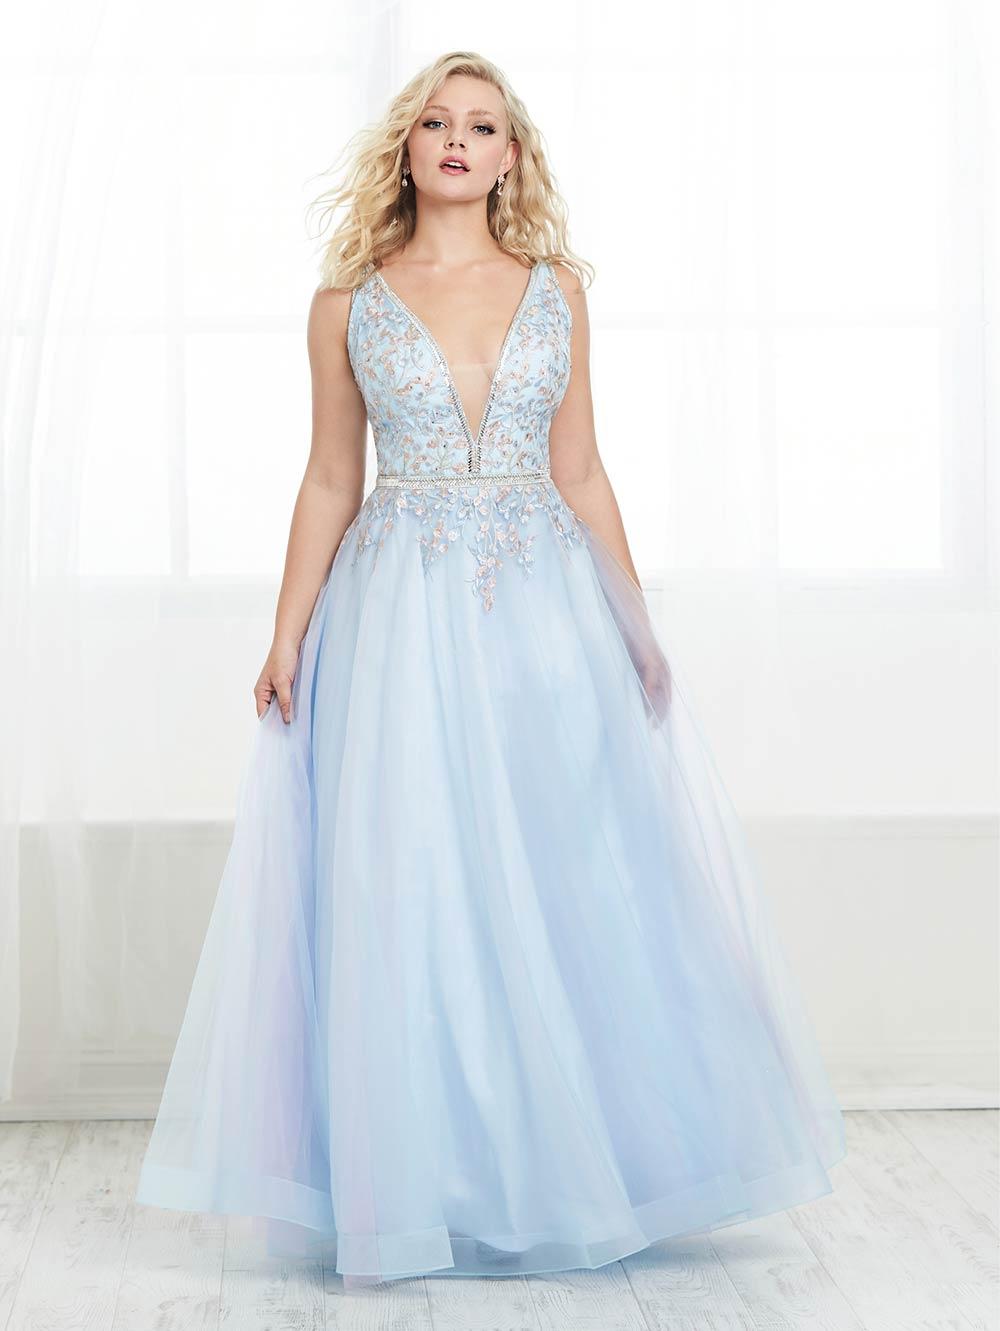 prom-dresses-jacquelin-bridals-canada-27690